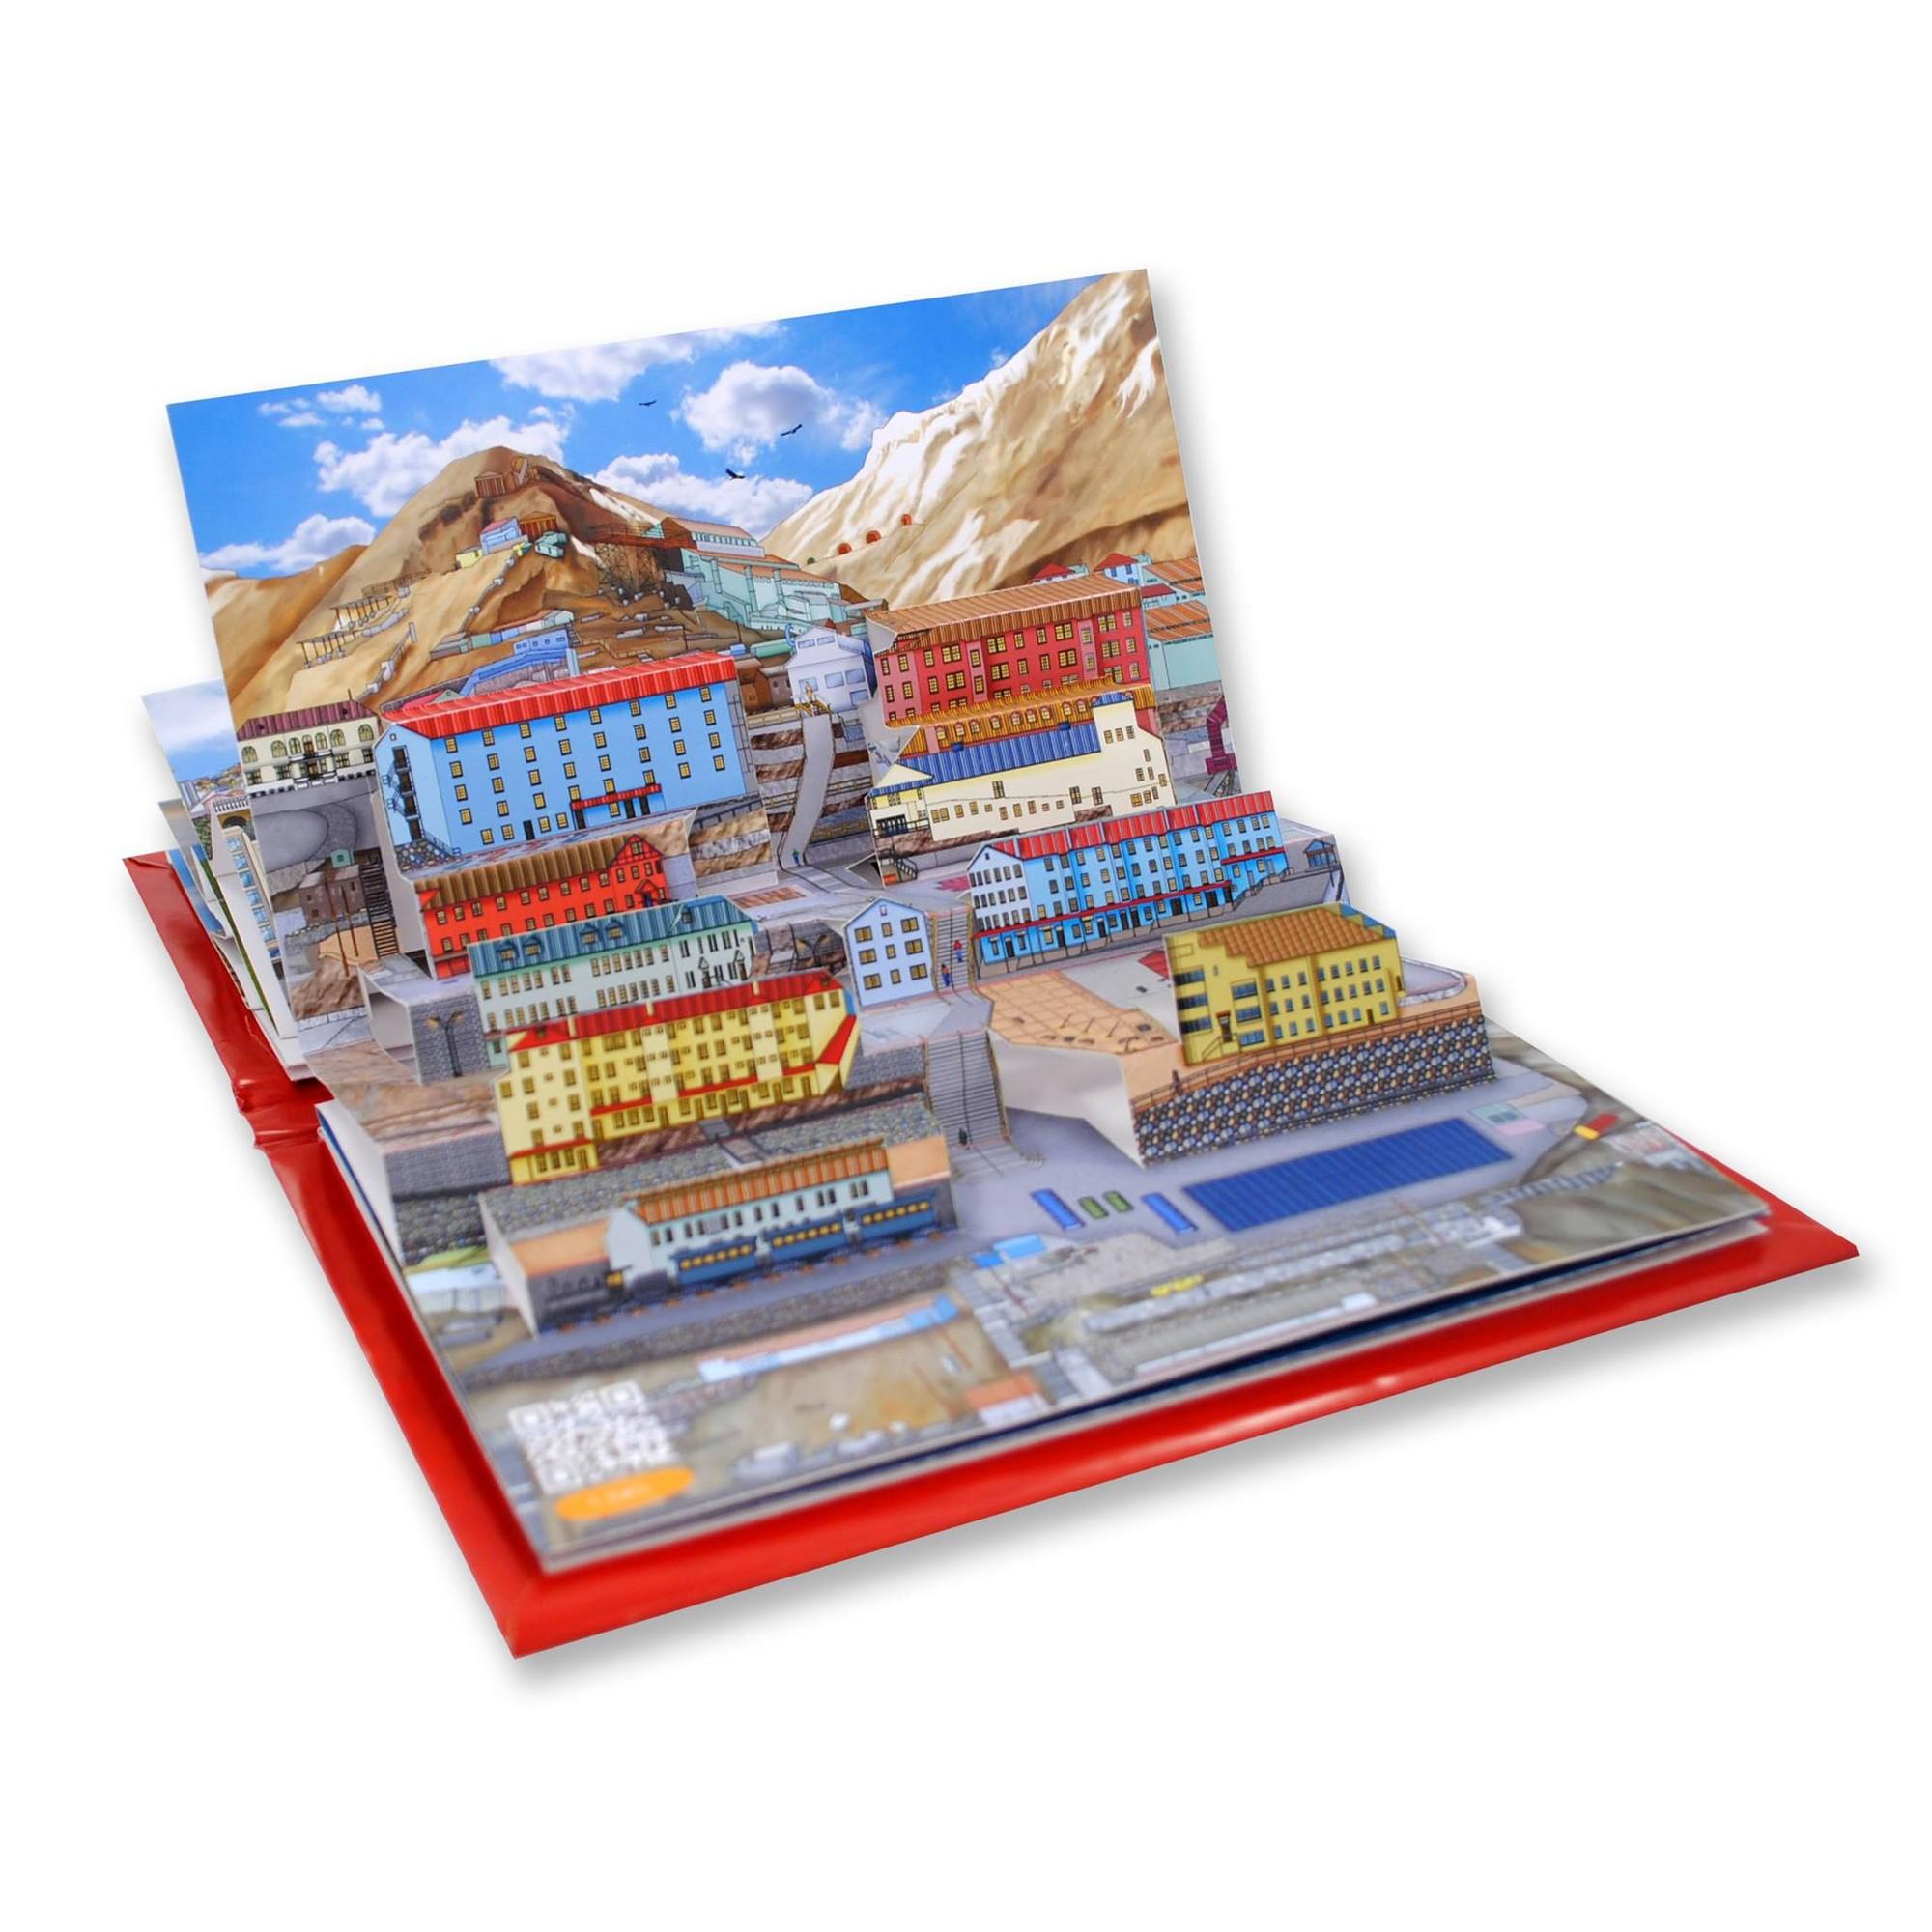 Arte y Arquitectura: Mi Ciudad de Papel, atractivos patrimoniales de Chile al estilo pop-up, Libro Pop-UP Tesoros de Chile. Image Courtesy of Mi Ciudad de Papel